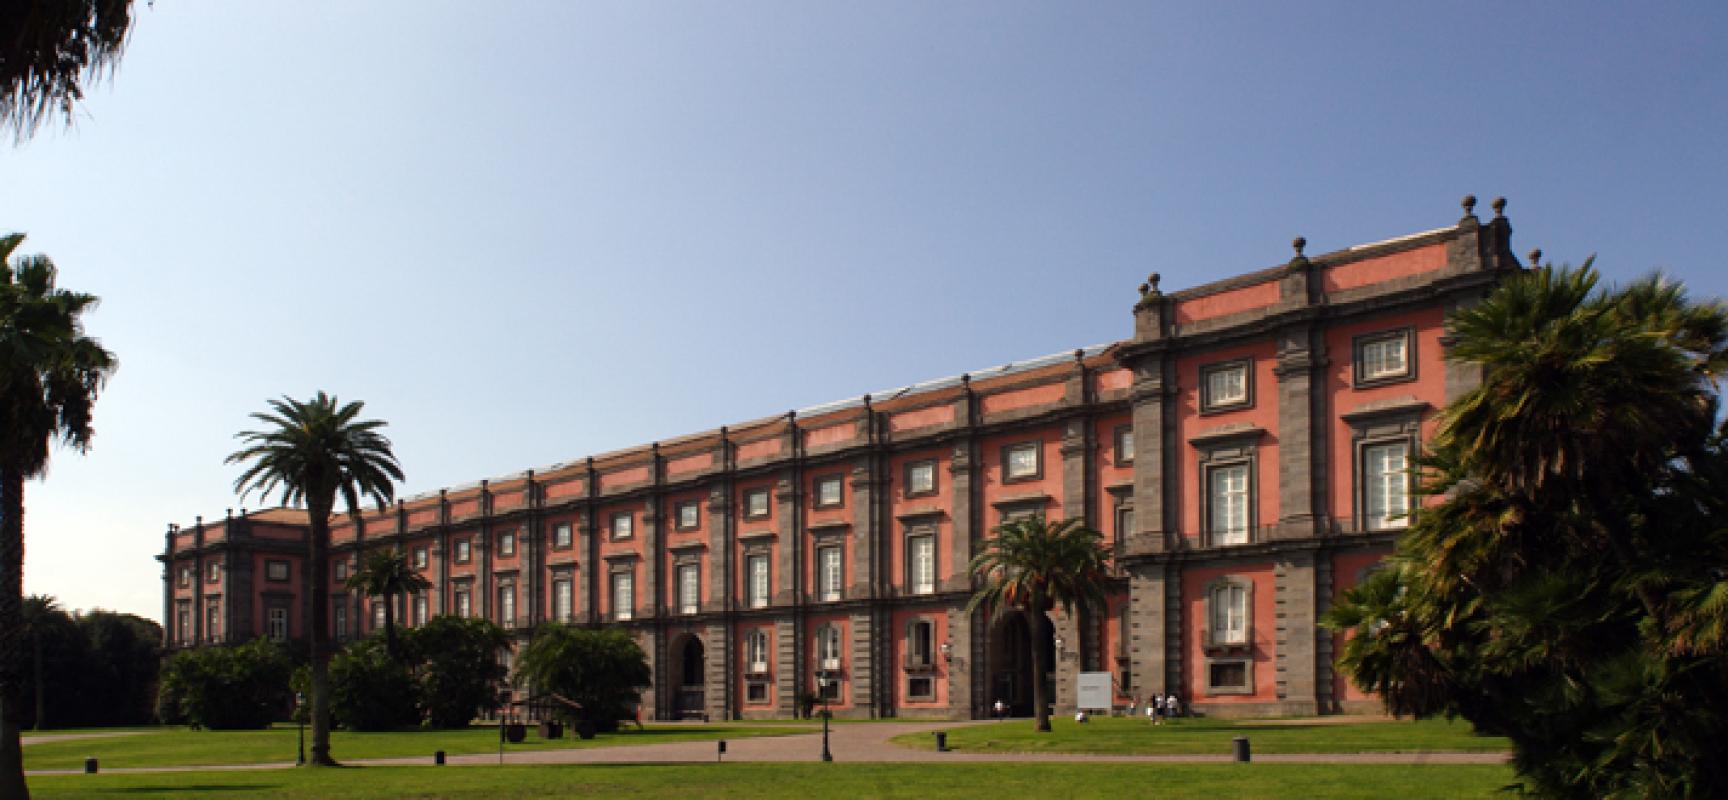 Capodimonte ad un francese, Paestum ad un tedesco, scelti i 20 nuovi direttori musei nazionali